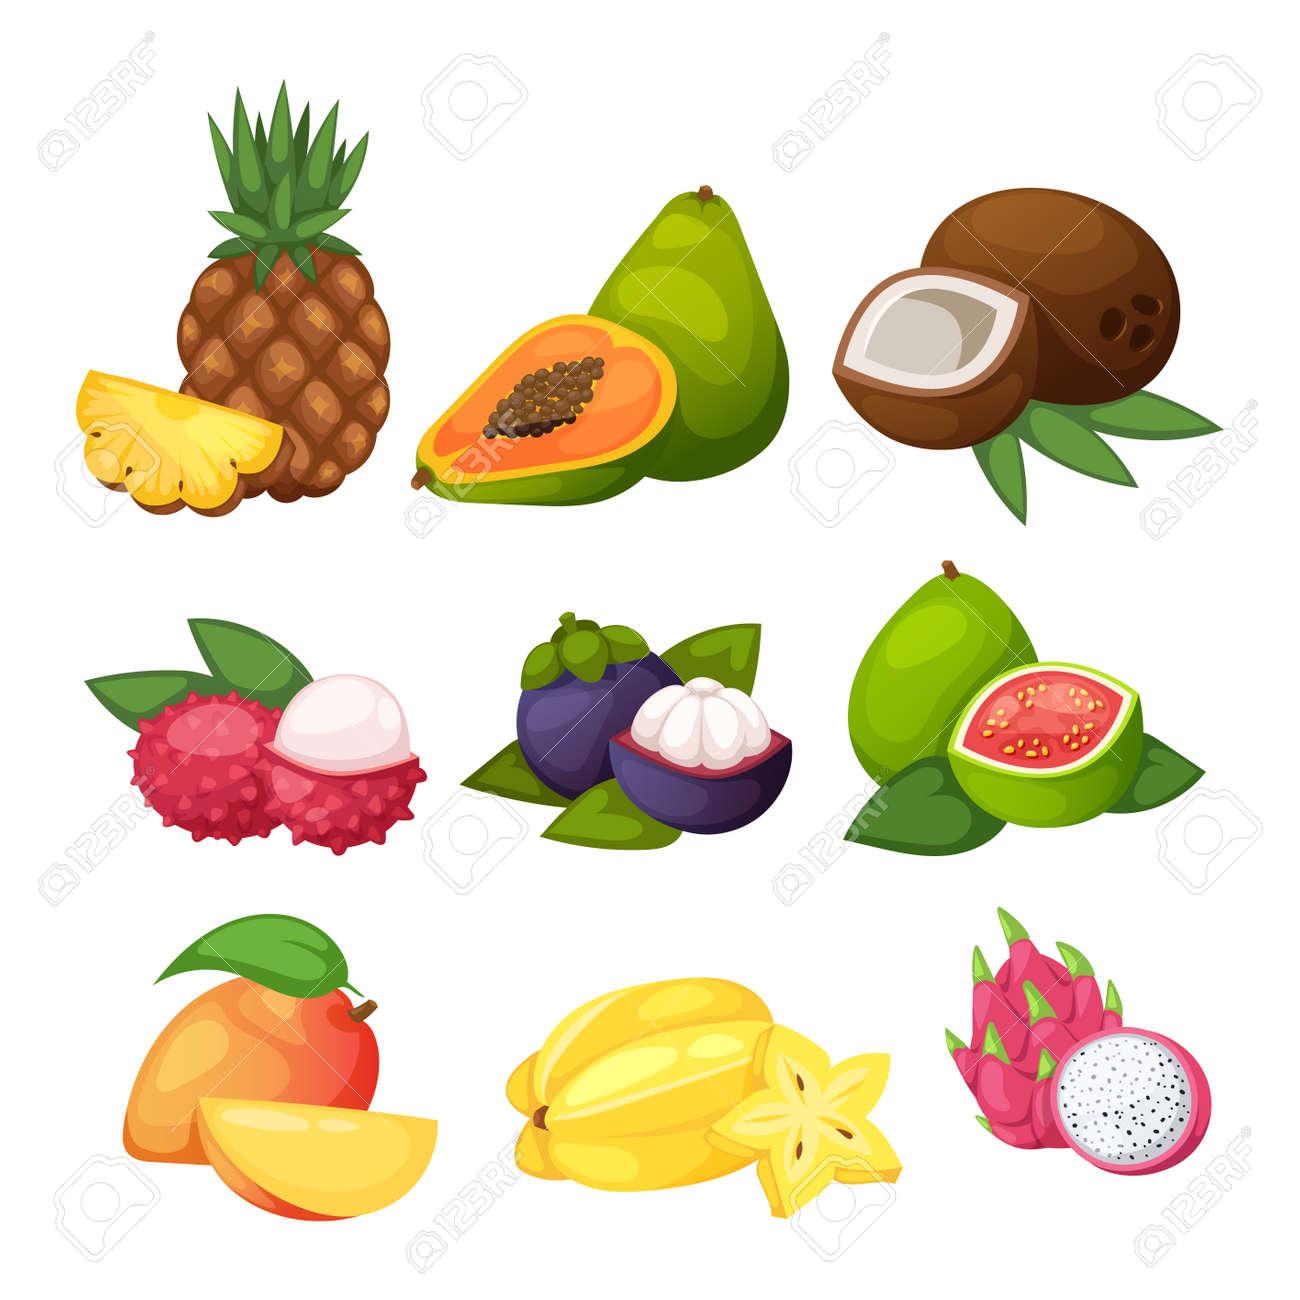 Großzügig Malvorlagen Für Tropische Früchte Bilder - Beispiel ...